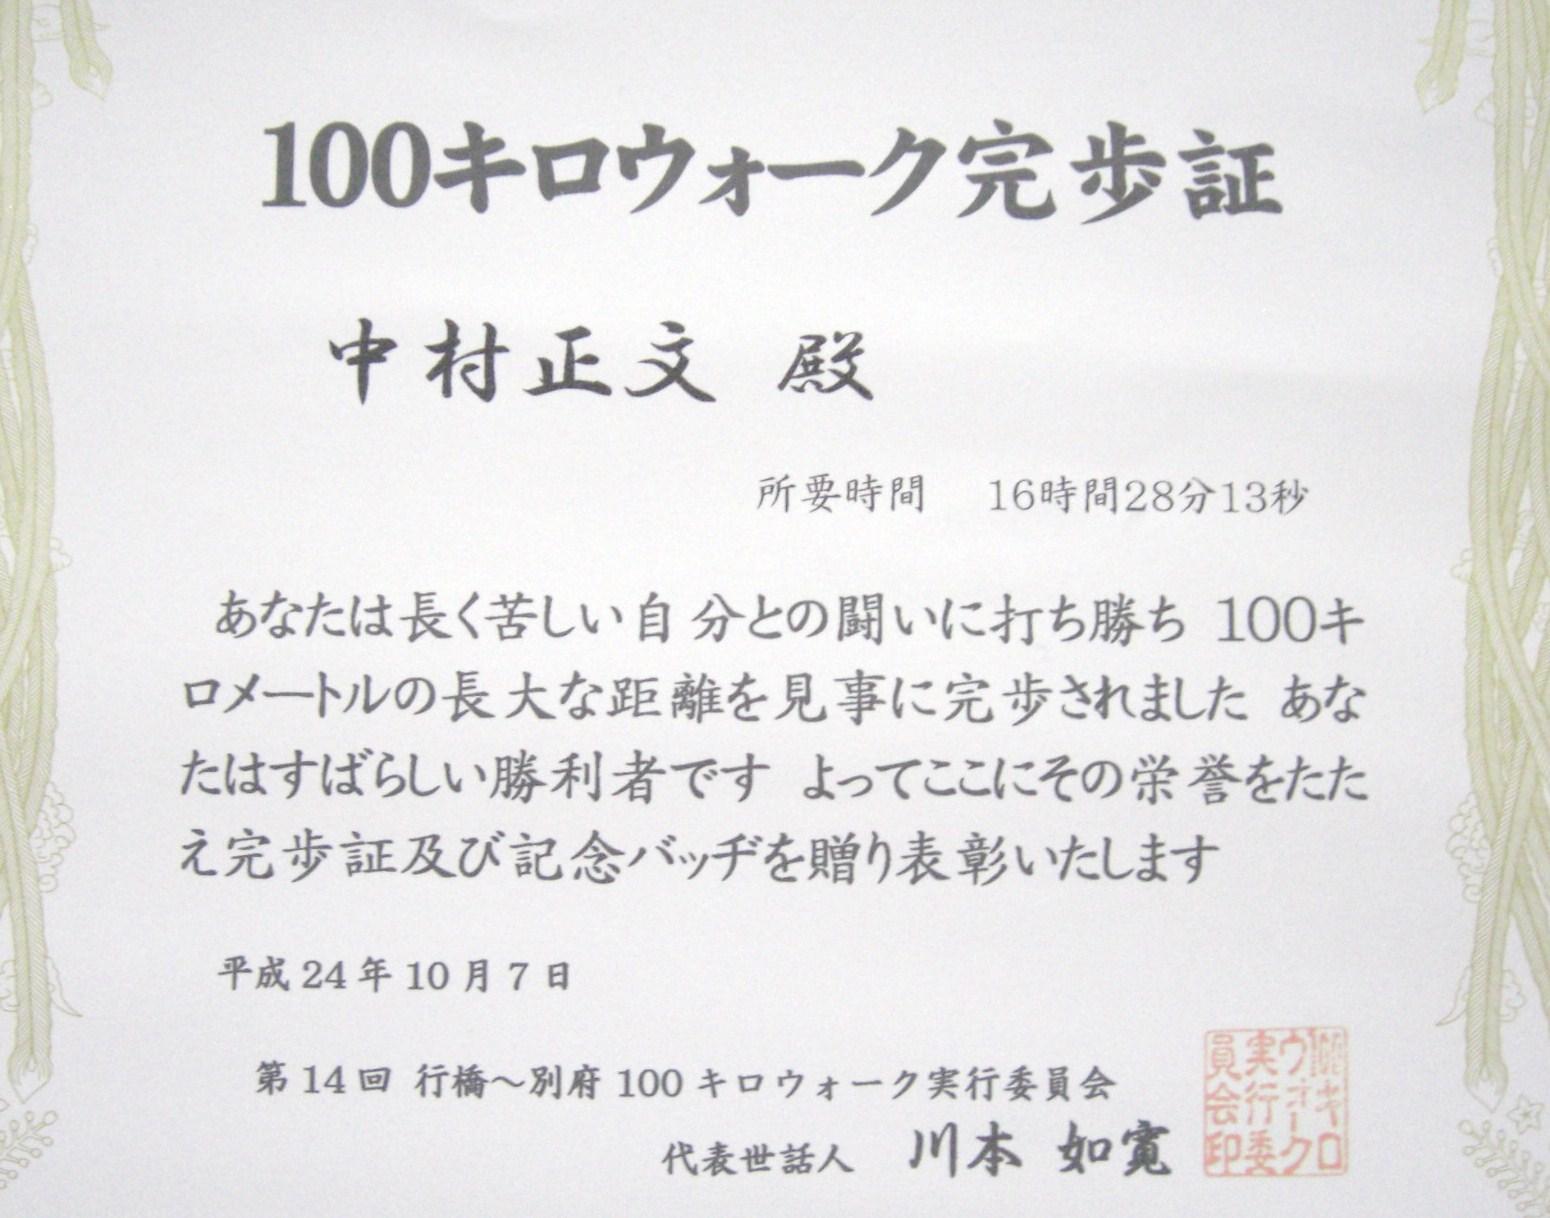 第14回行橋別府100キロウォーク_e0294183_2301776.jpg